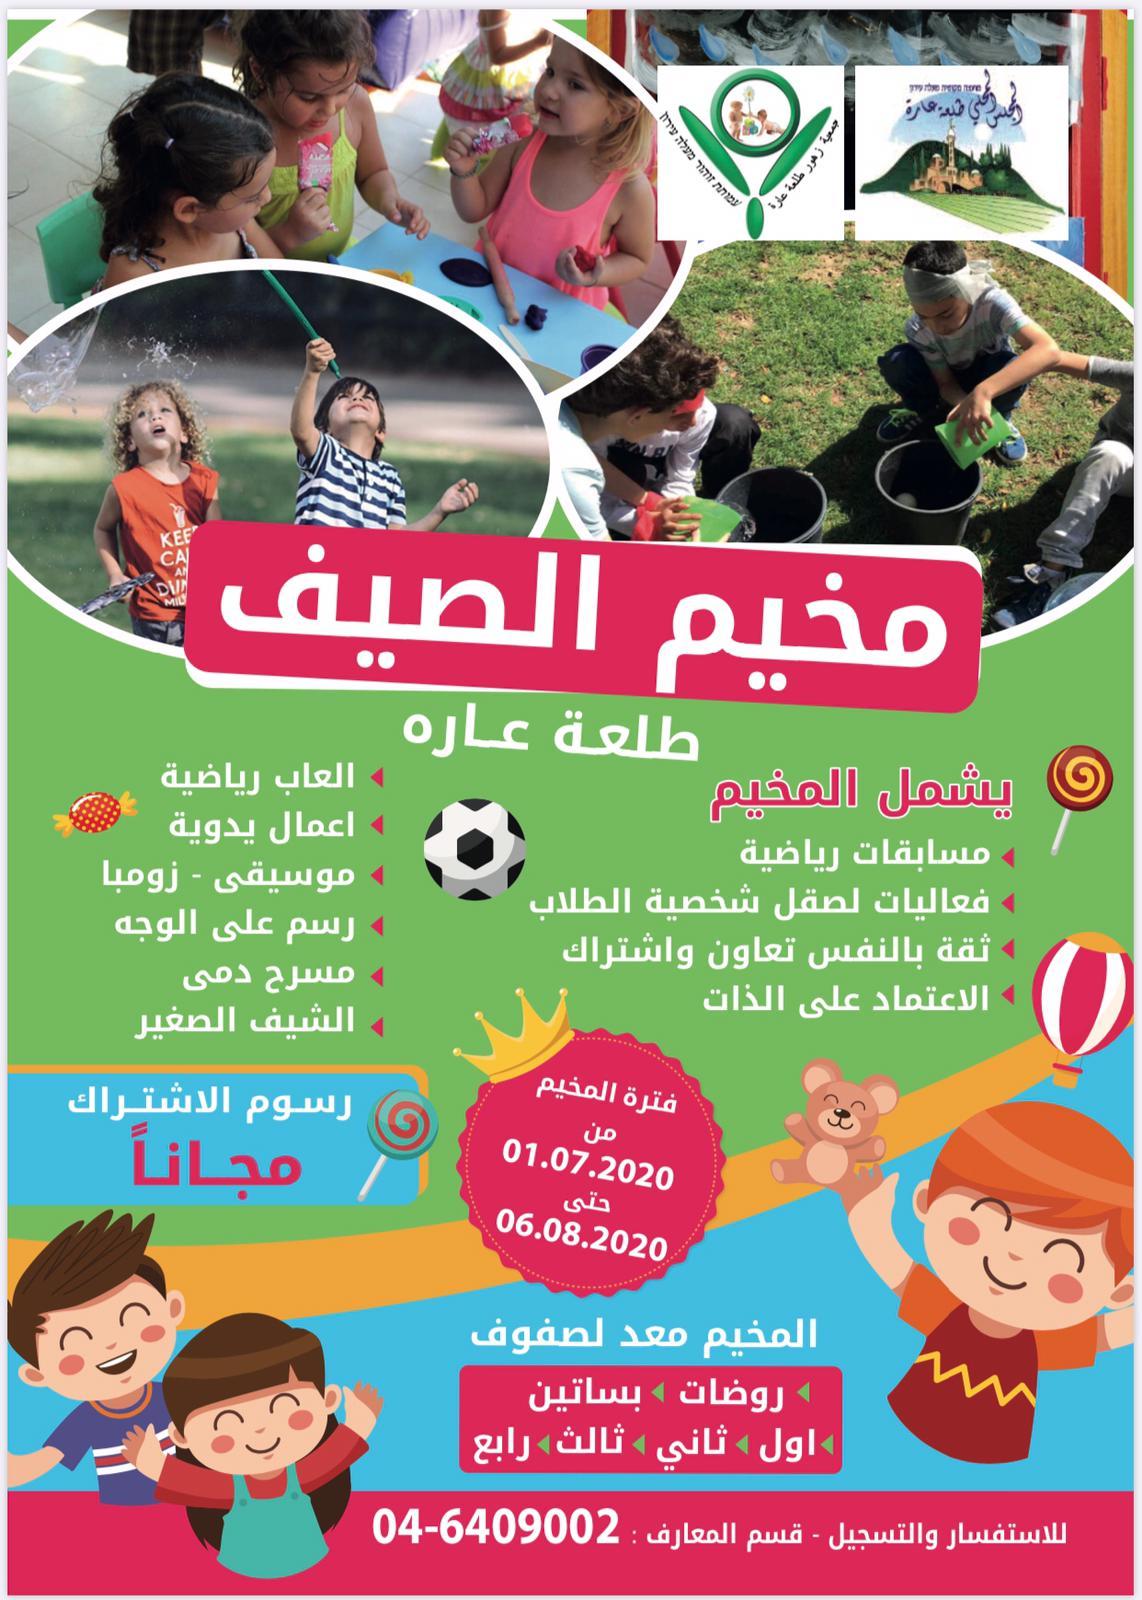 إعلان بخصوص المخيم الصيفي